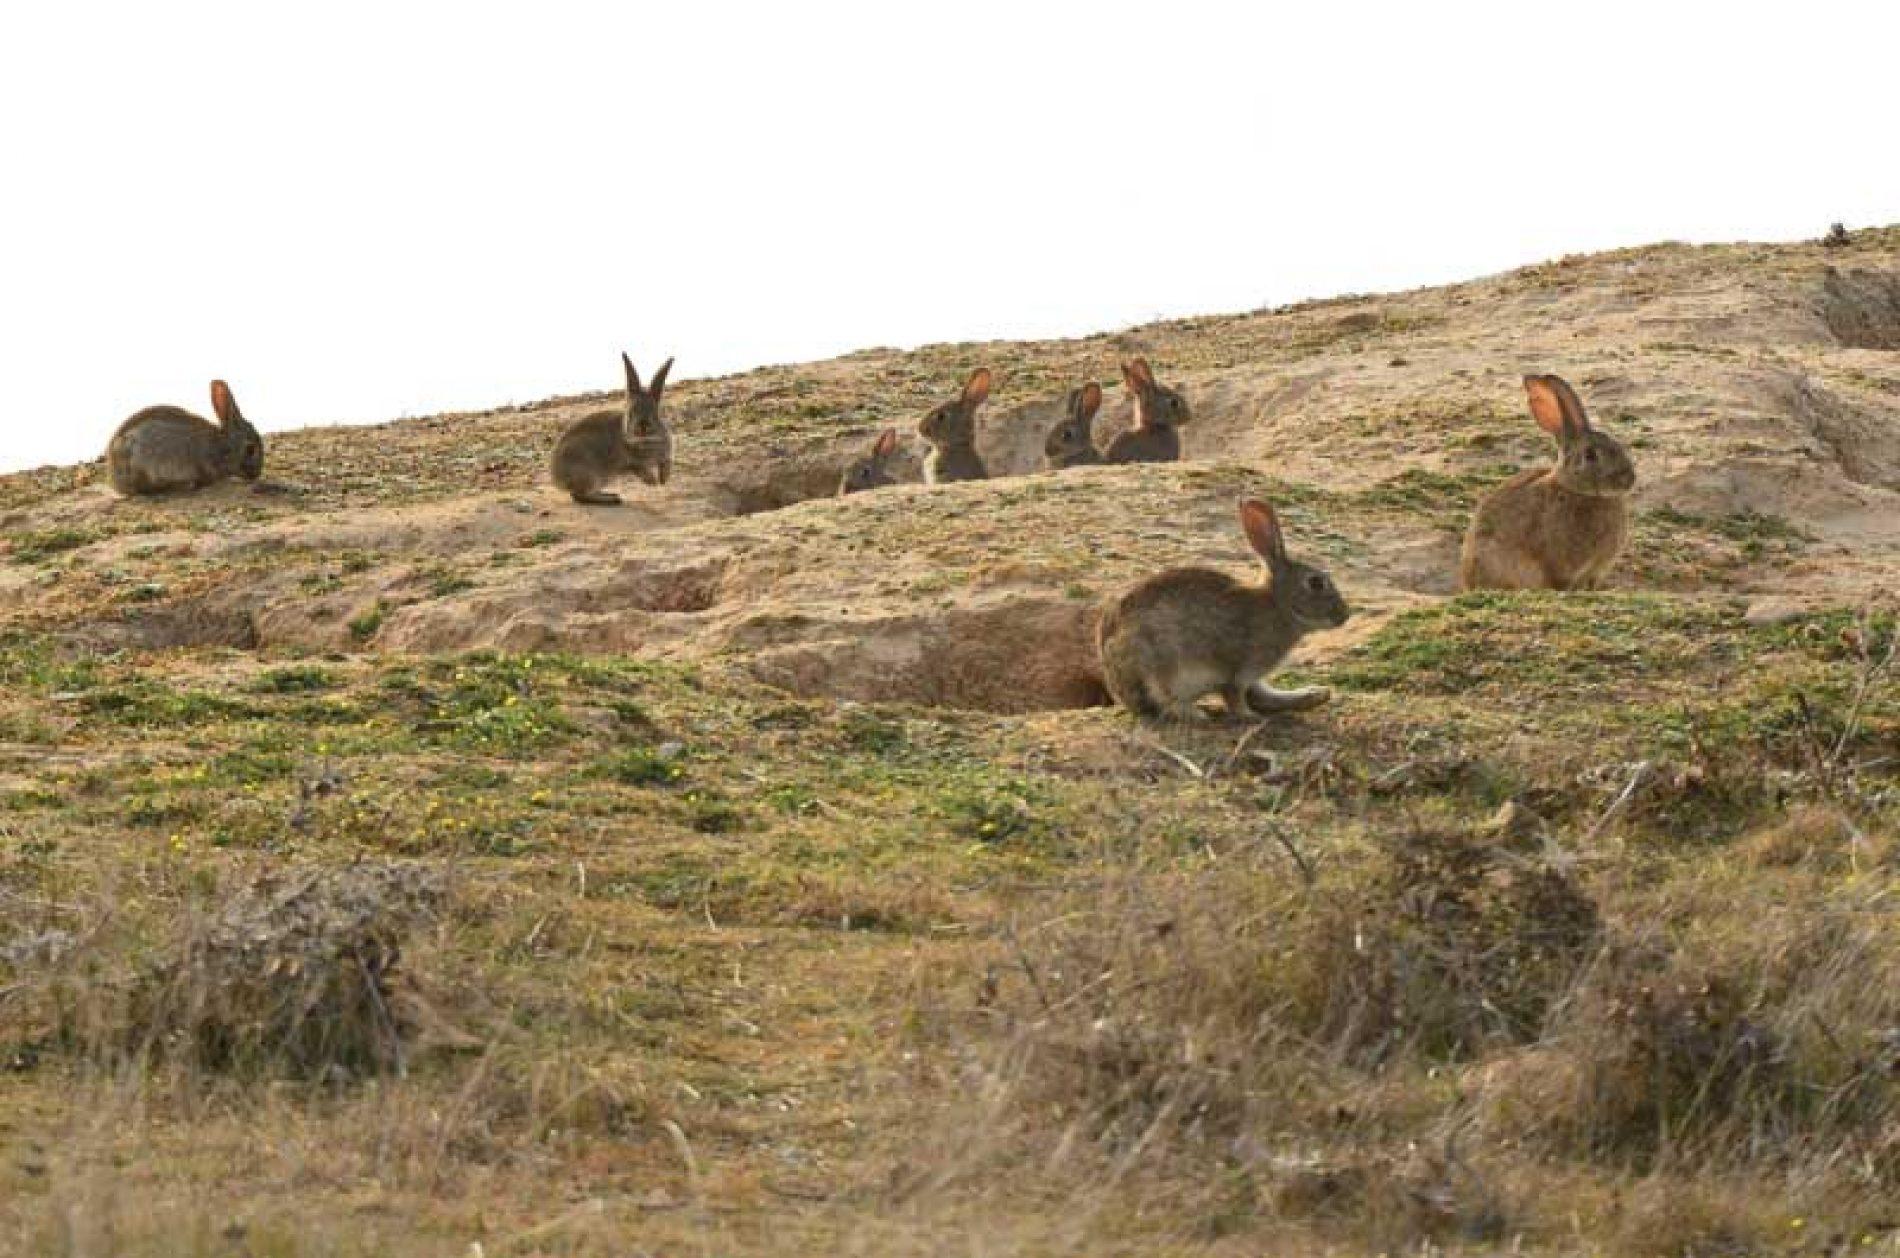 Análisis y evaluación de los daños de los conejos a la agricultura